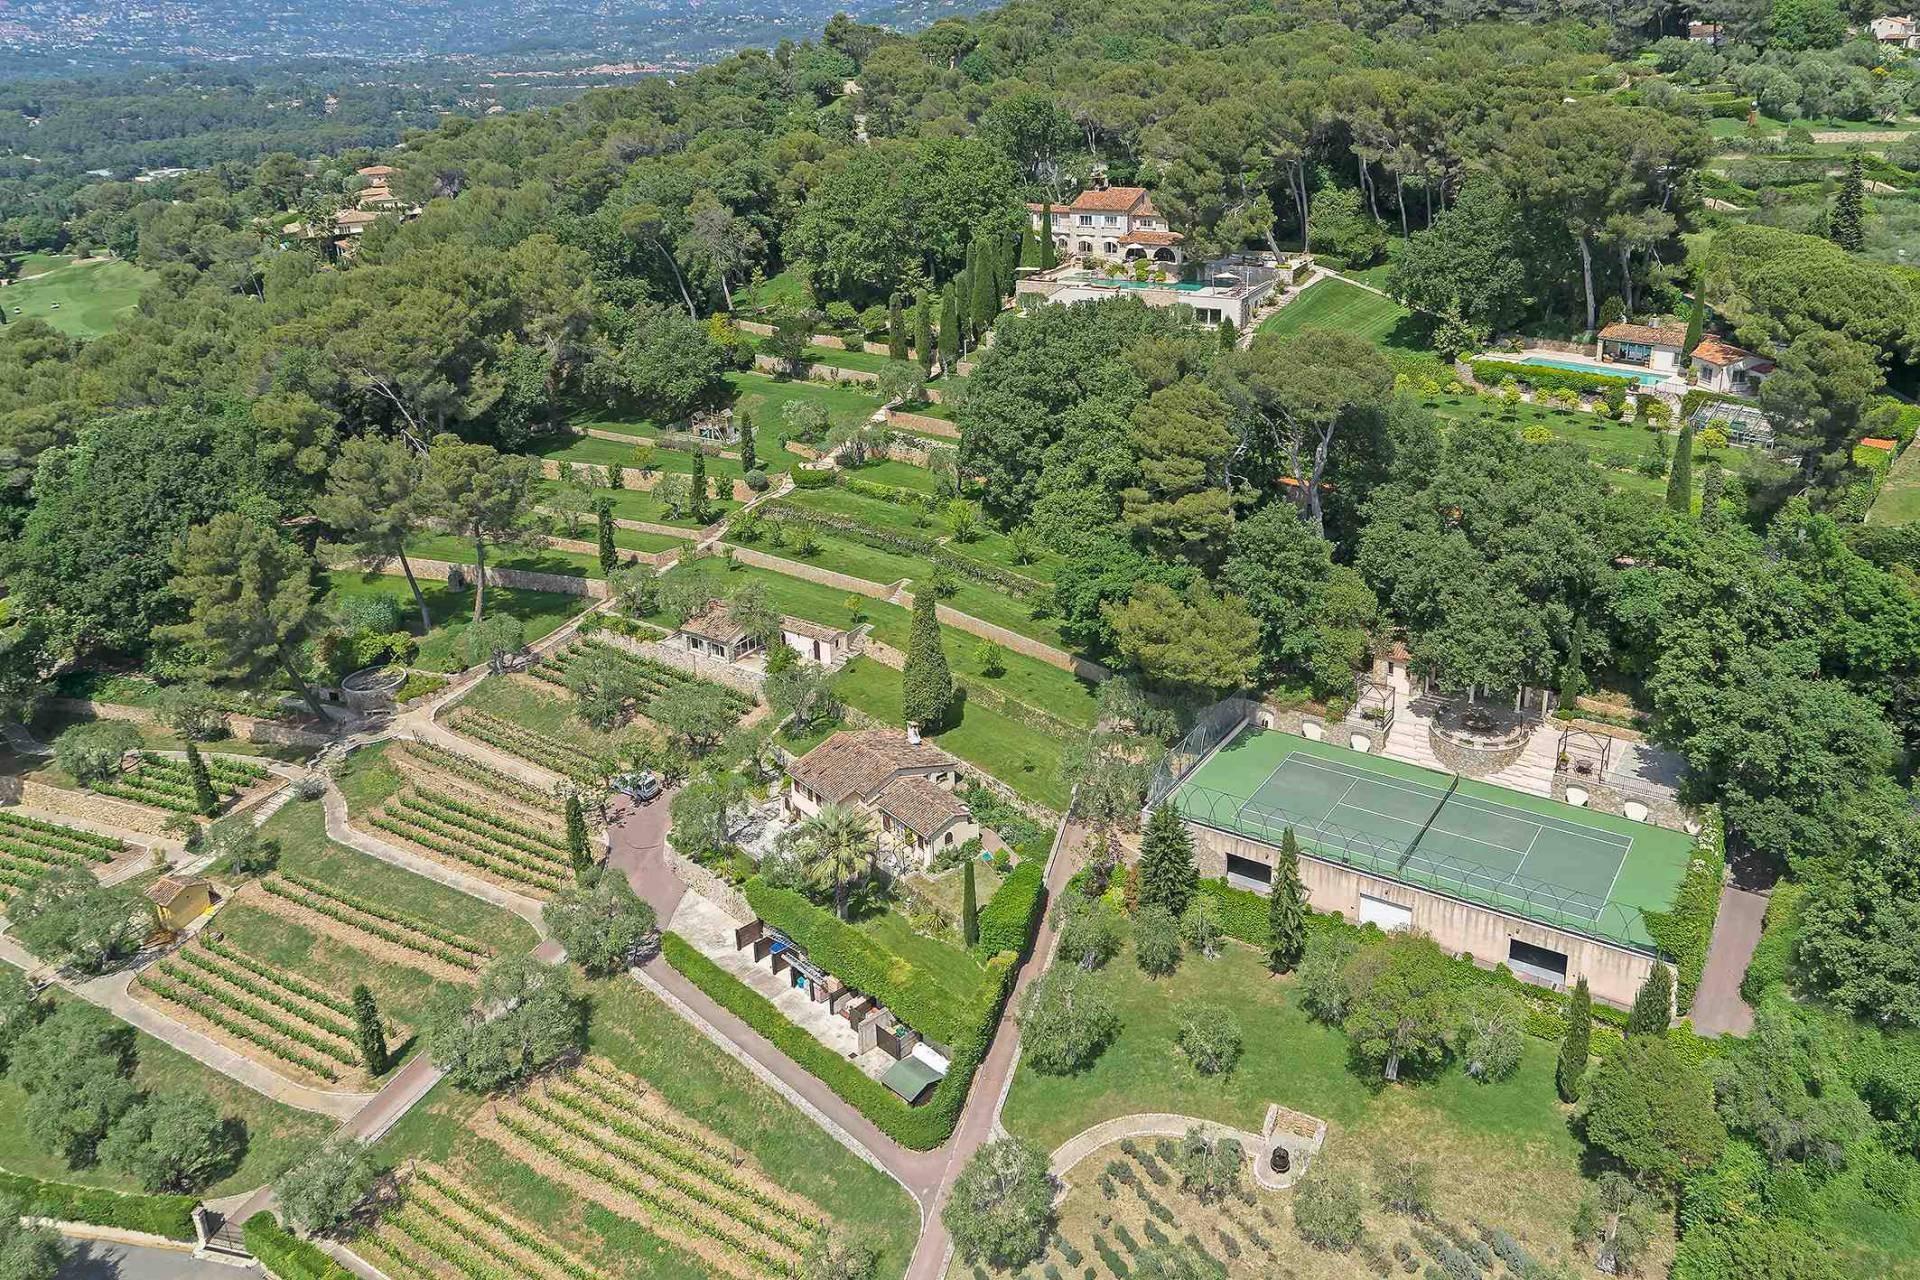 11 bedroom house for sale Mougins, Provence, France, Vineyard